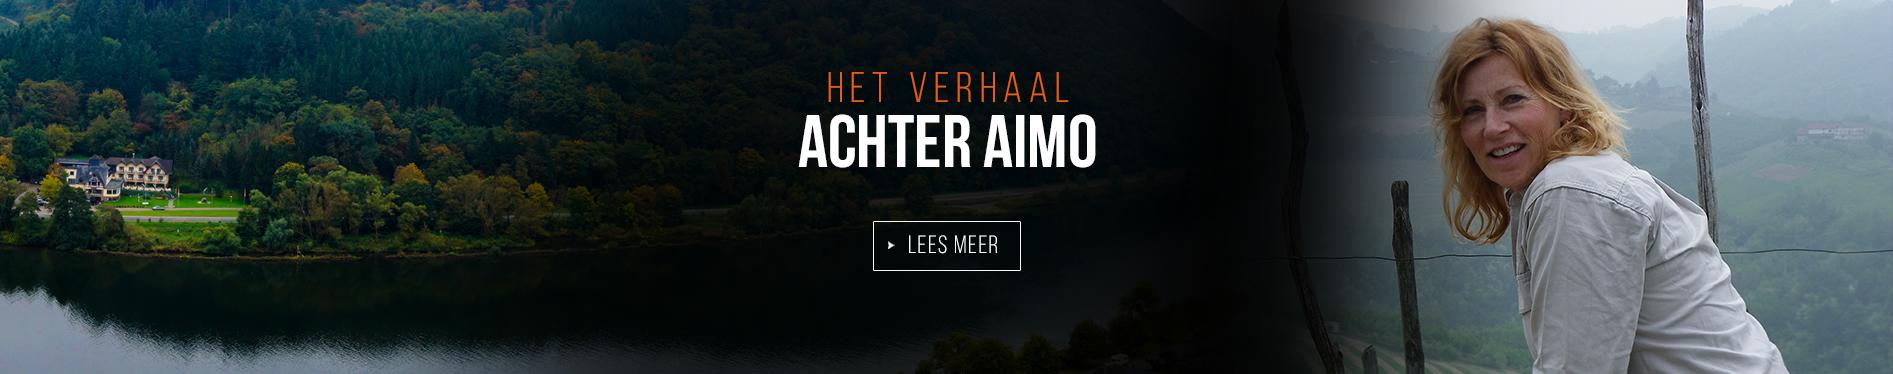 SLIDER-AIMO-HETVERHAAL